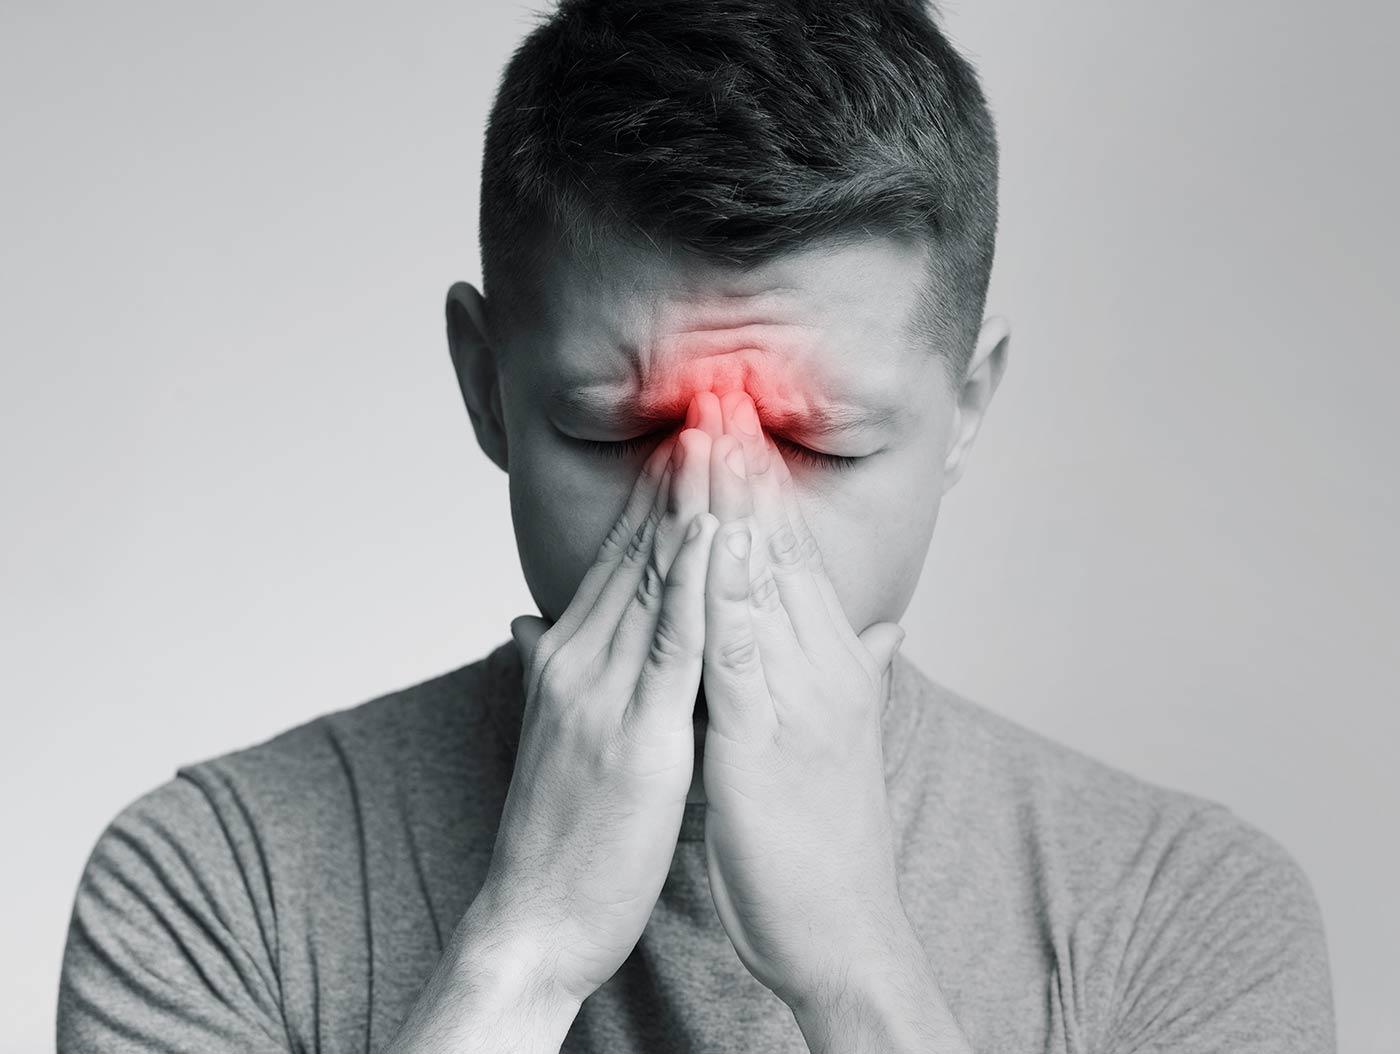 Συμπτώματα και αίτια της Ιγμορίτιδας